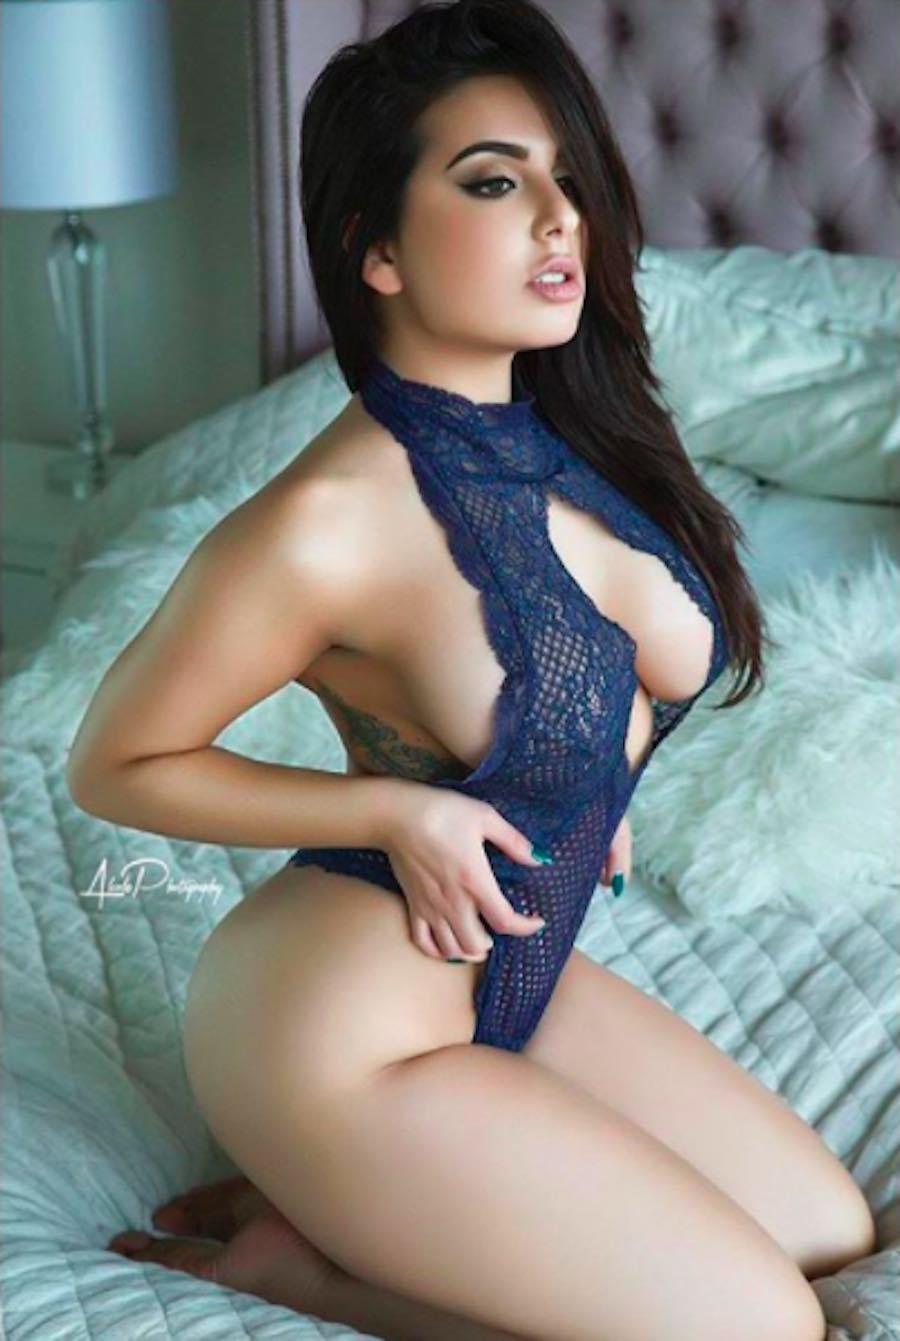 Porn sex online.com